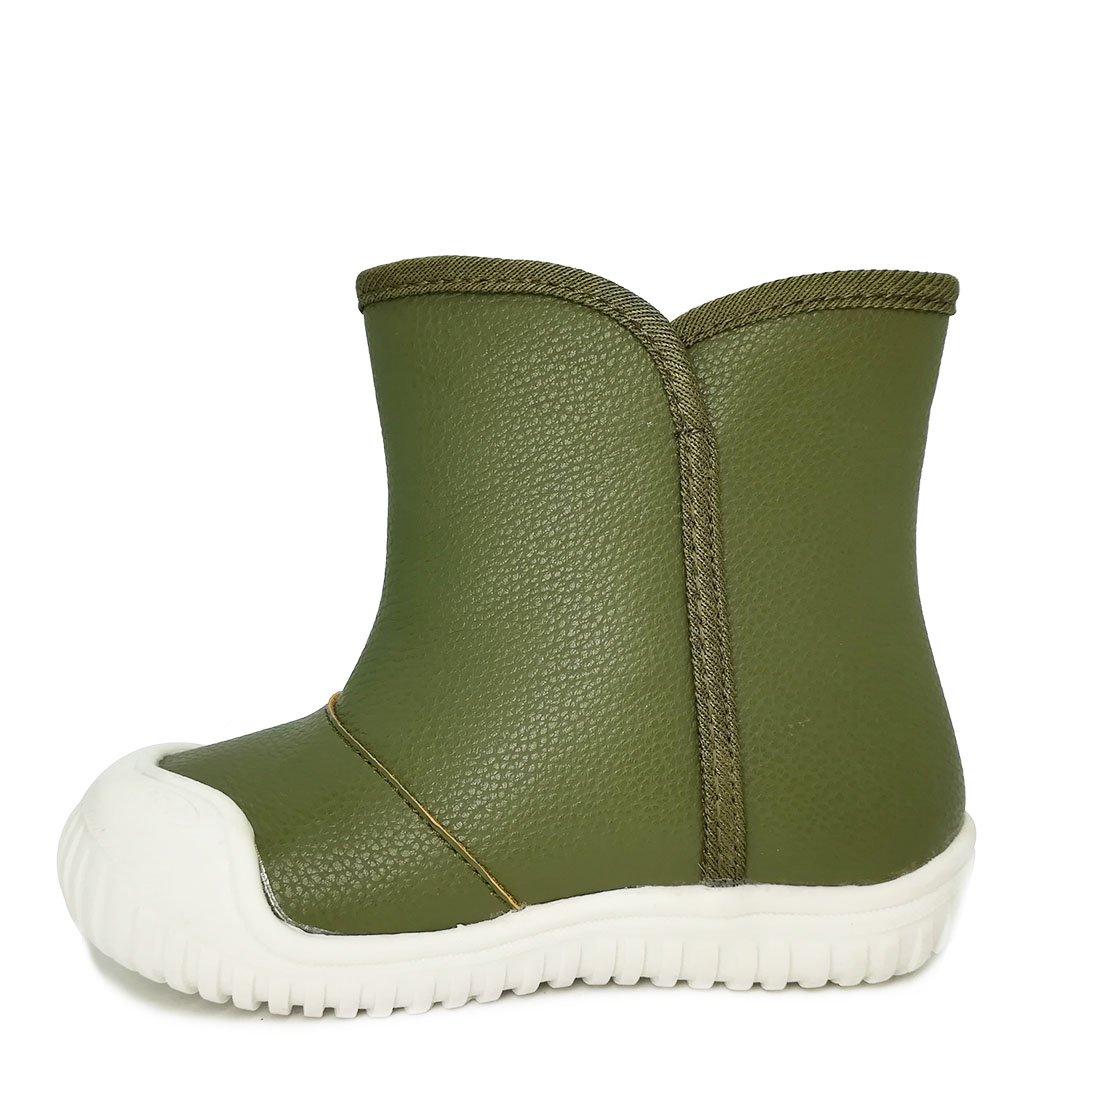 Oderola Bottes de Neige B/éb/é Gar/çon Fille Premiers Pas Chaud Hiver Enfant Bottines Chaussures /étanche Boots 25 Vert